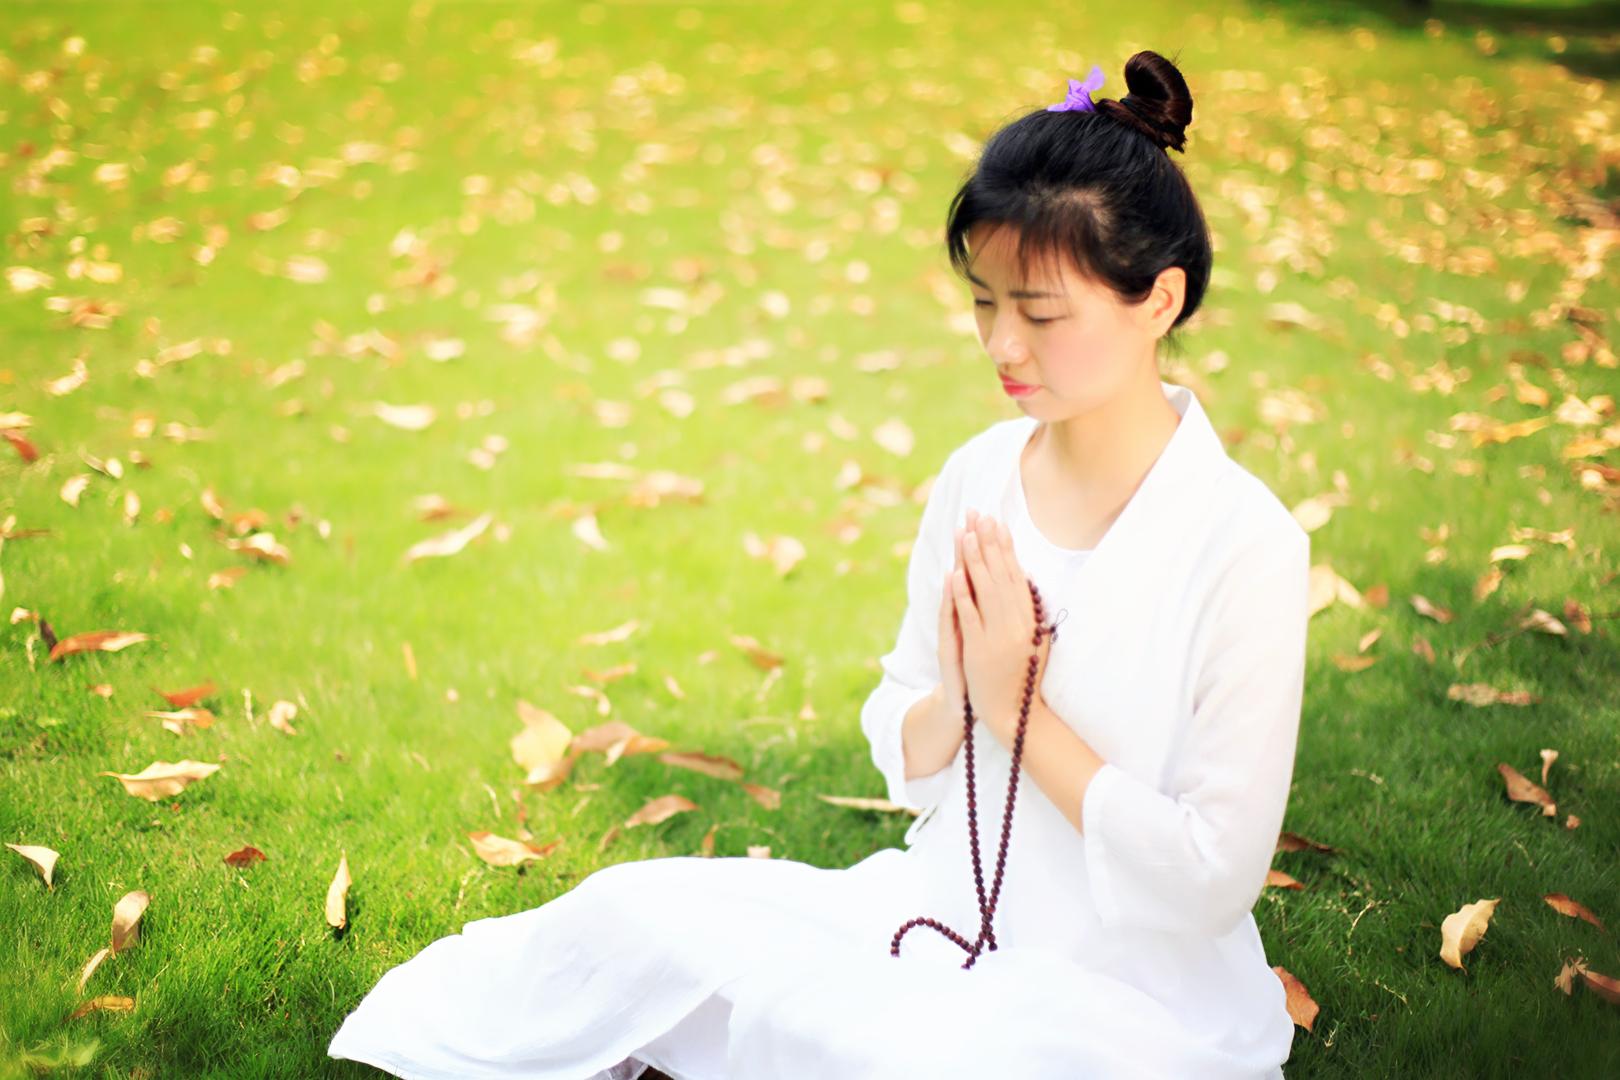 瑜伽教练培训全日制班12月18日于龙岗店开班!